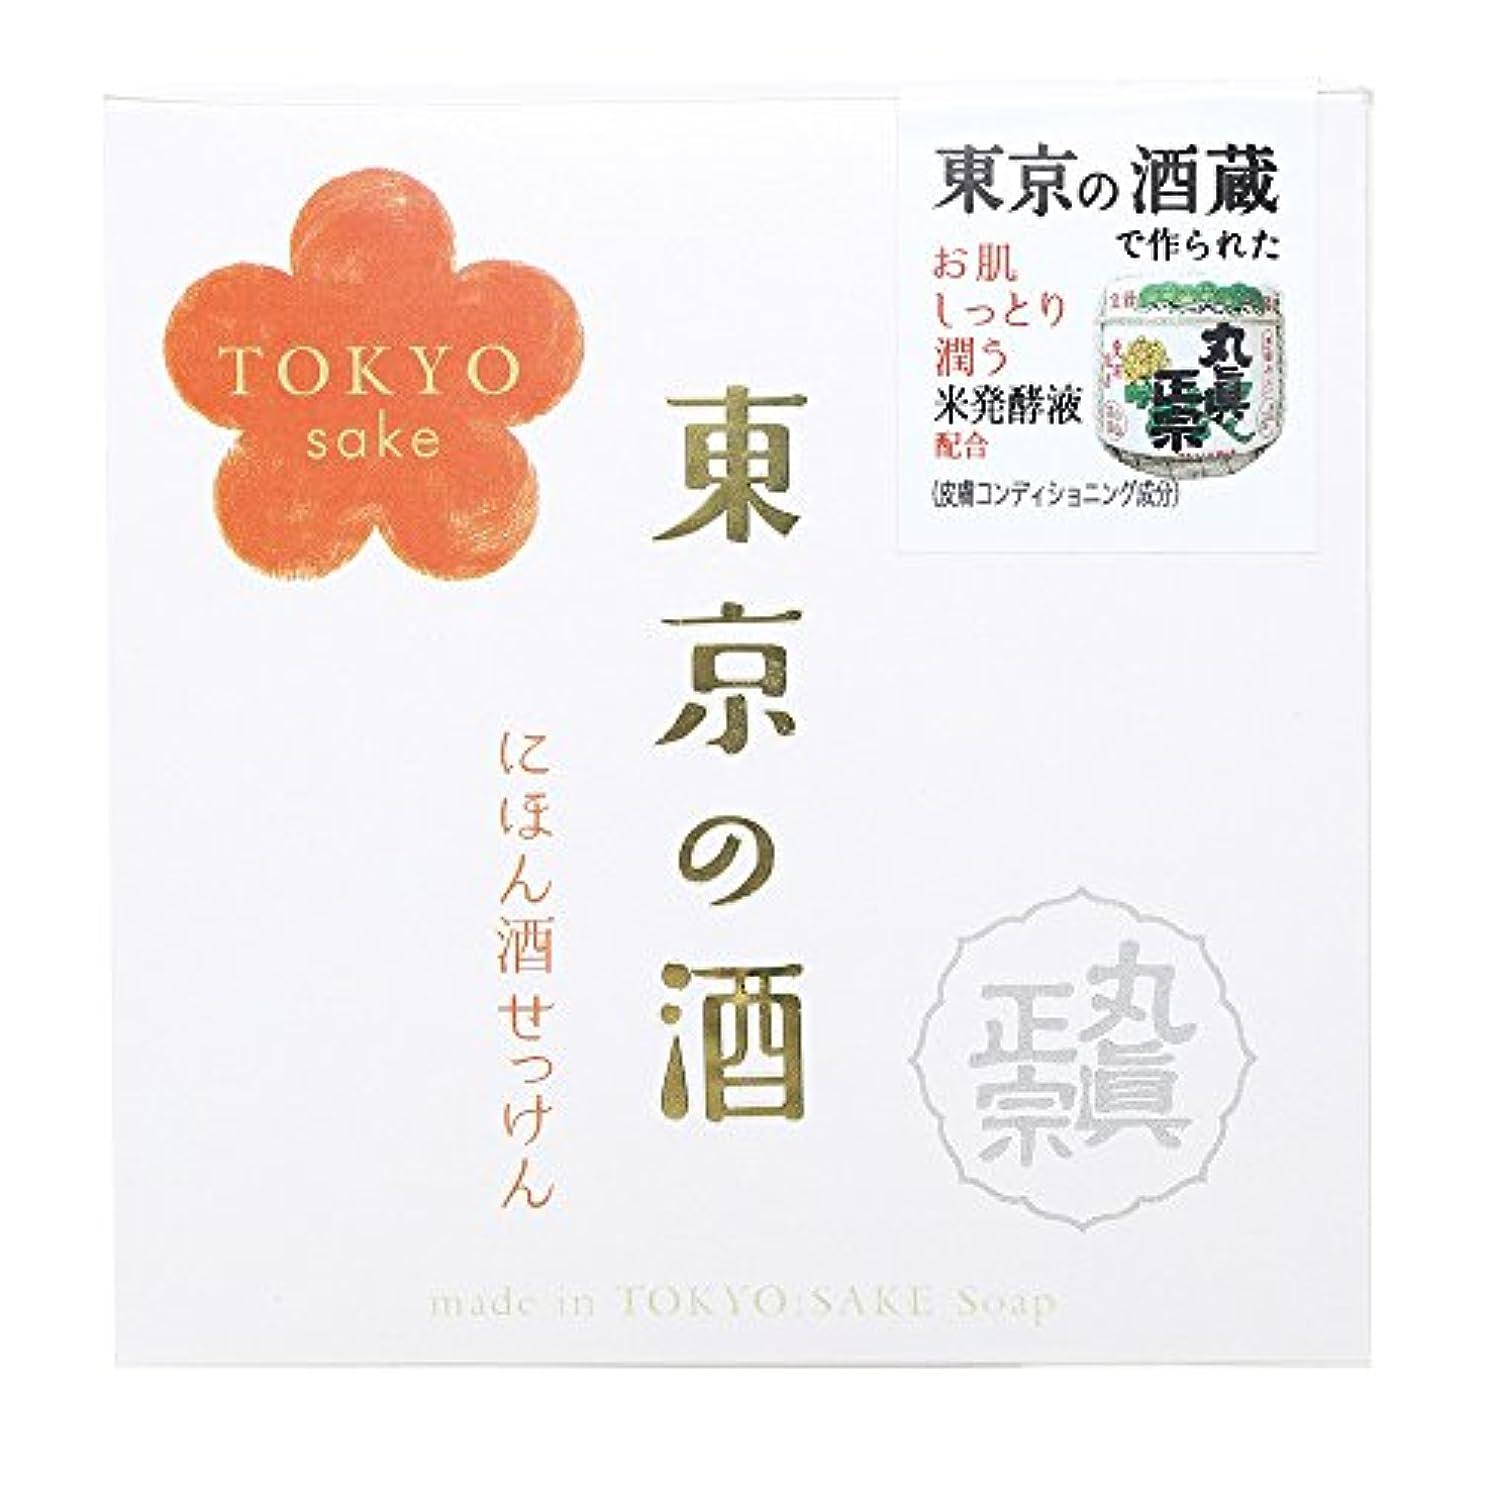 細分化する言い換えるとシャンパンノルコーポレーション 東京の酒 石けん OB-TKY-1-1 100g